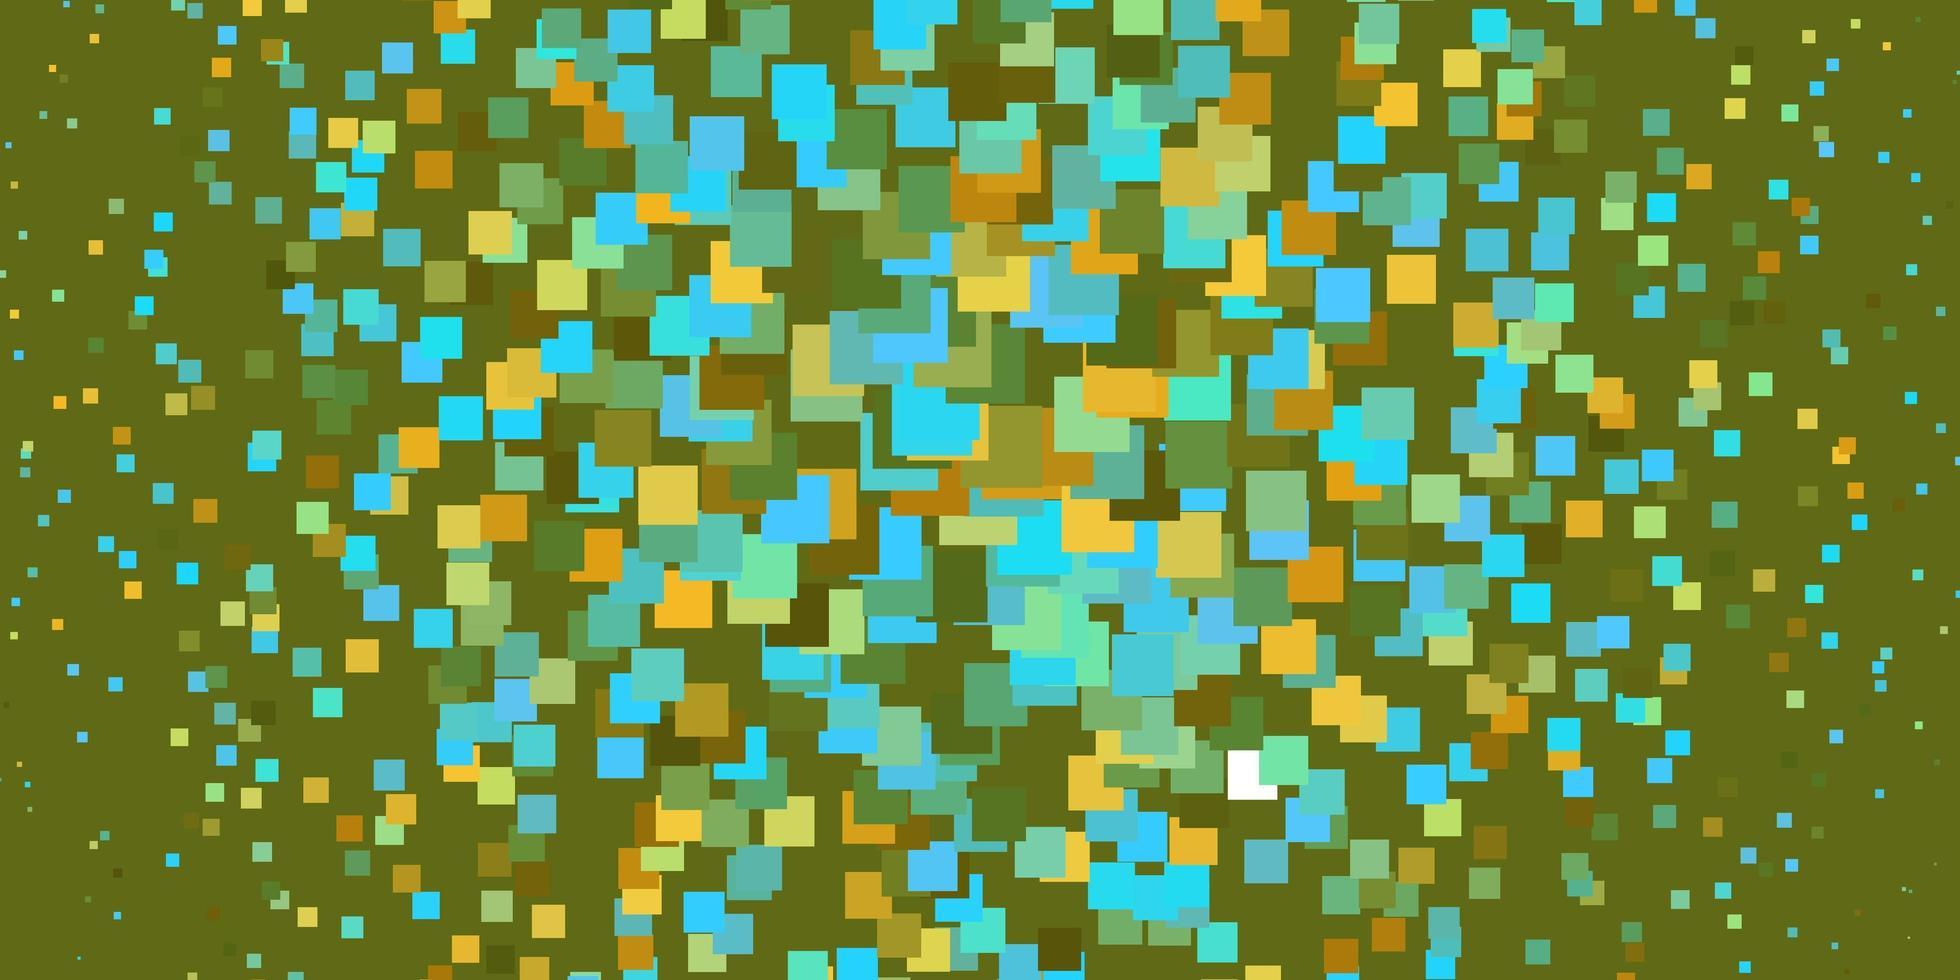 azzurro, layout giallo con linee, rettangoli. vettore